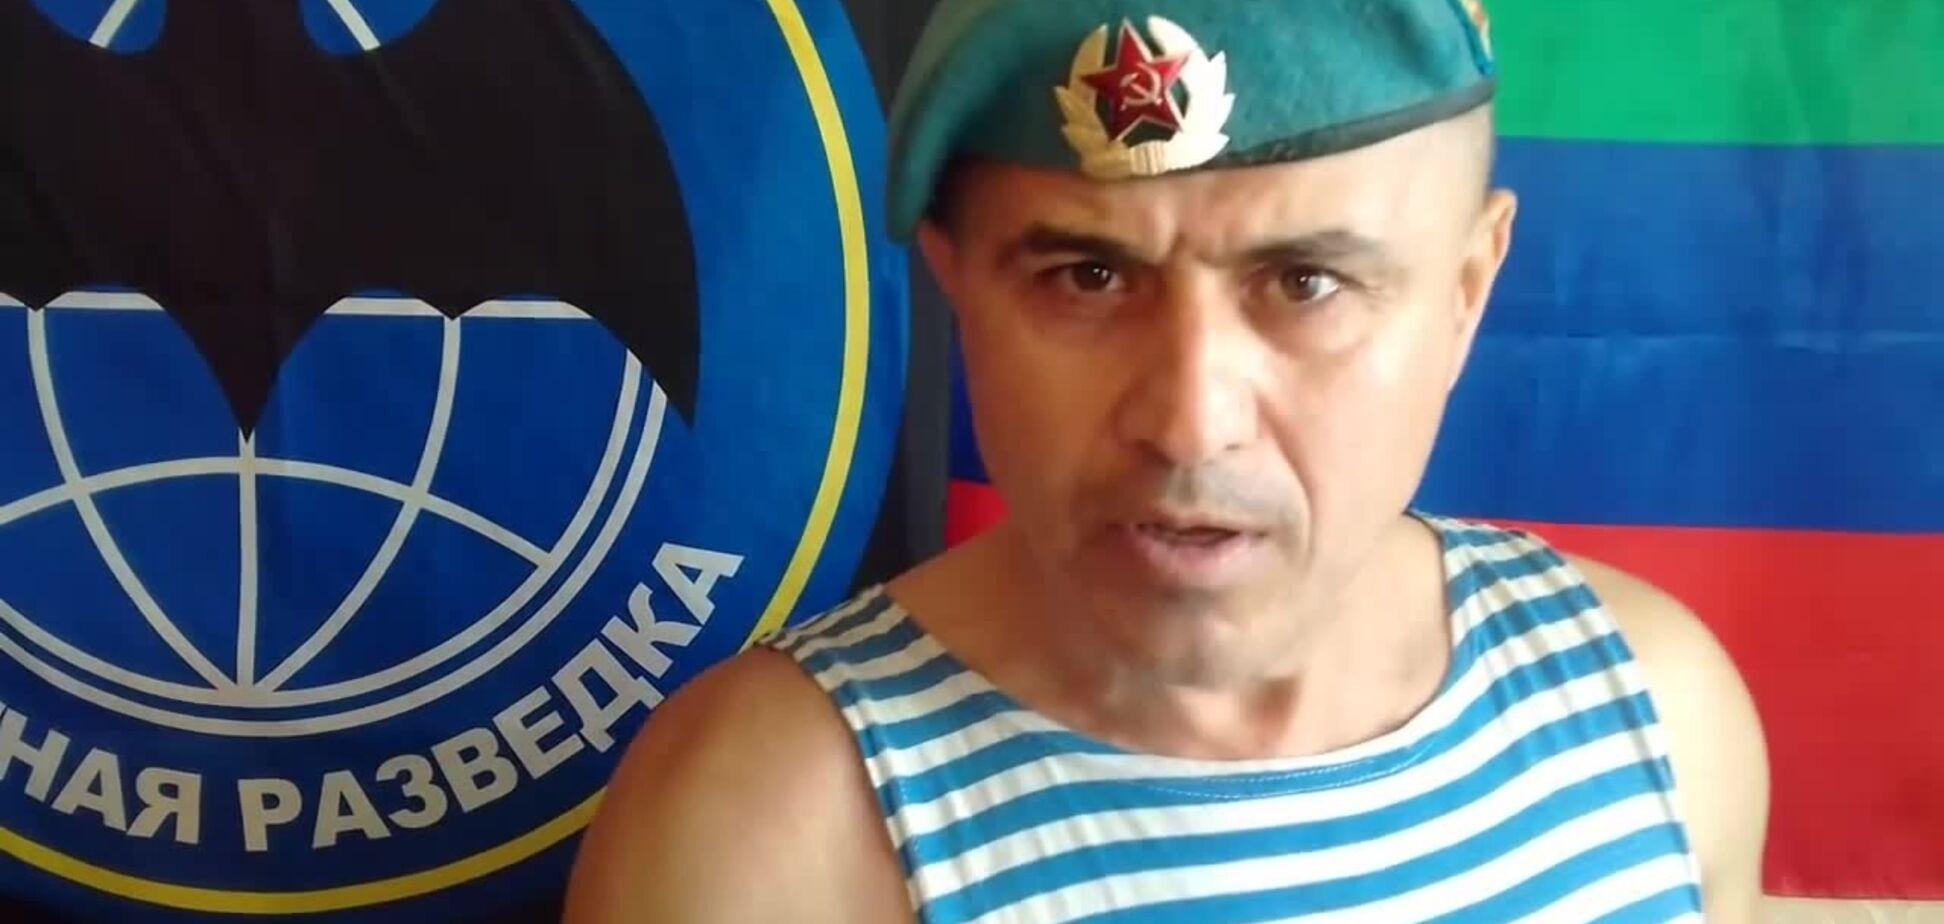 Заступился за Украину: в России задержан десантник, публично назвавший Путина вруном